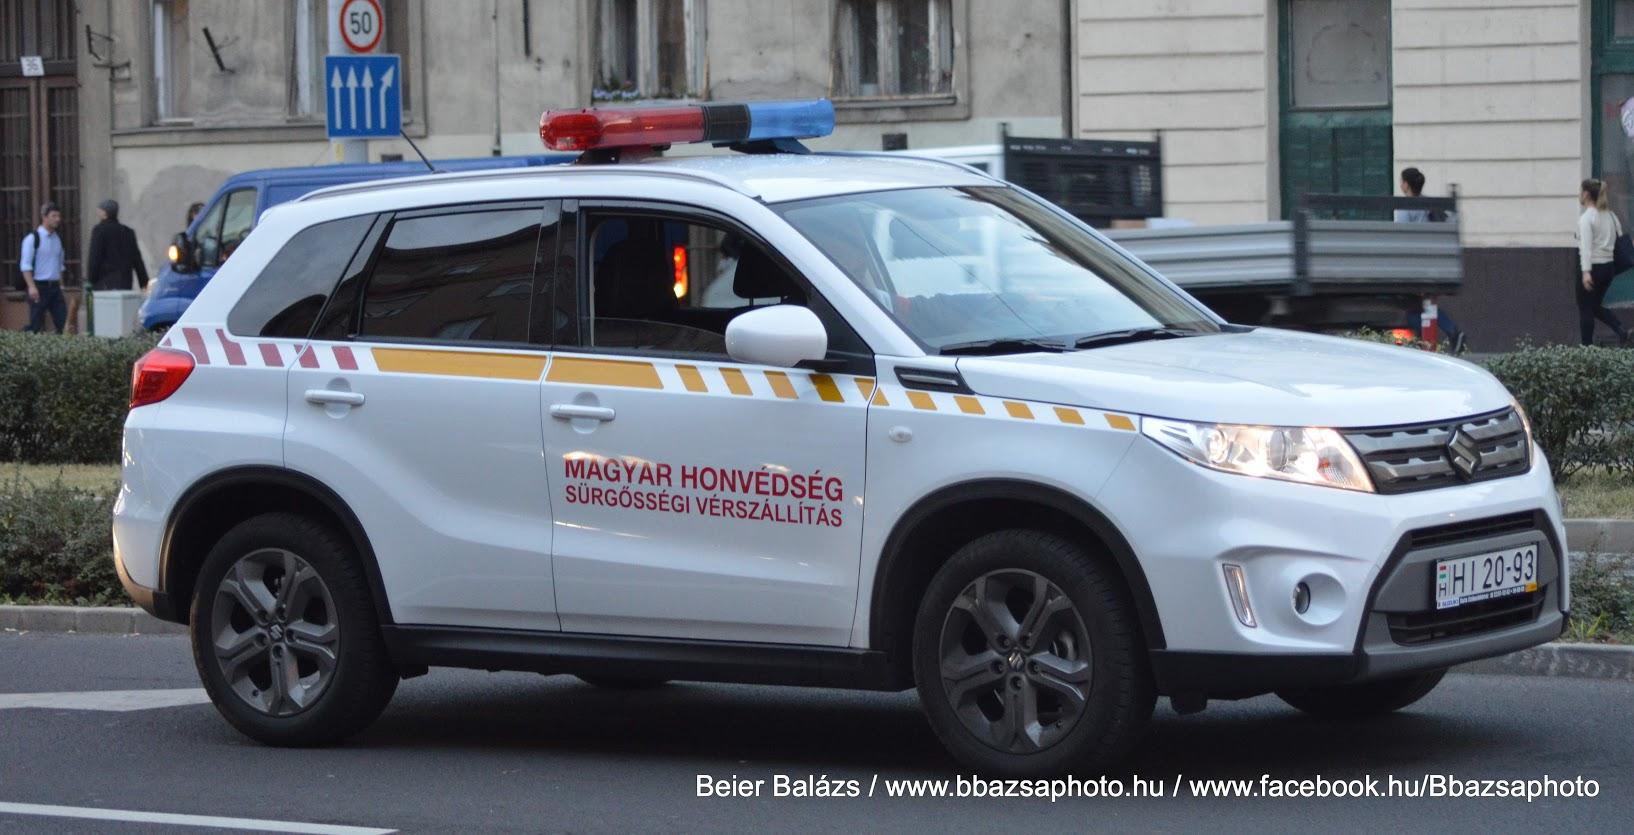 Suzuki Vitara – EÜ szolgálat vérszállítás